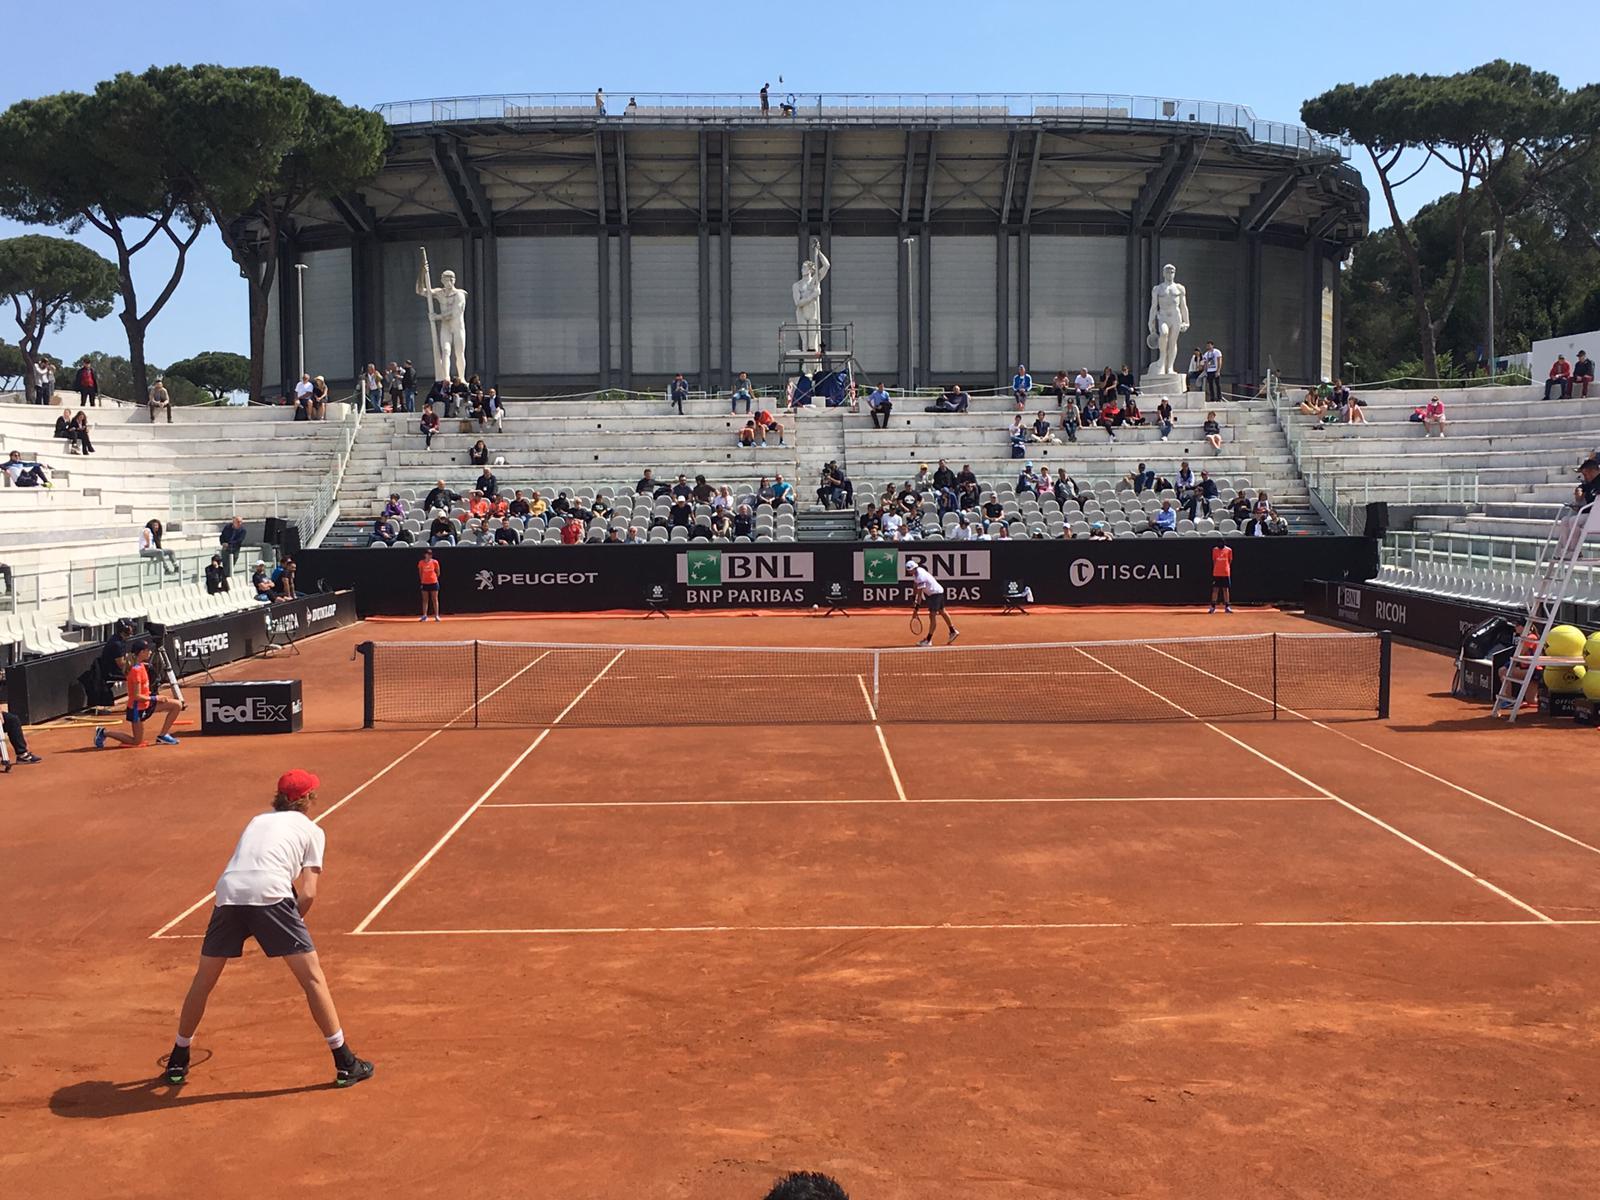 Tennis - Sinner fuori al secondo turno, a Madrid resta solo Berrettini